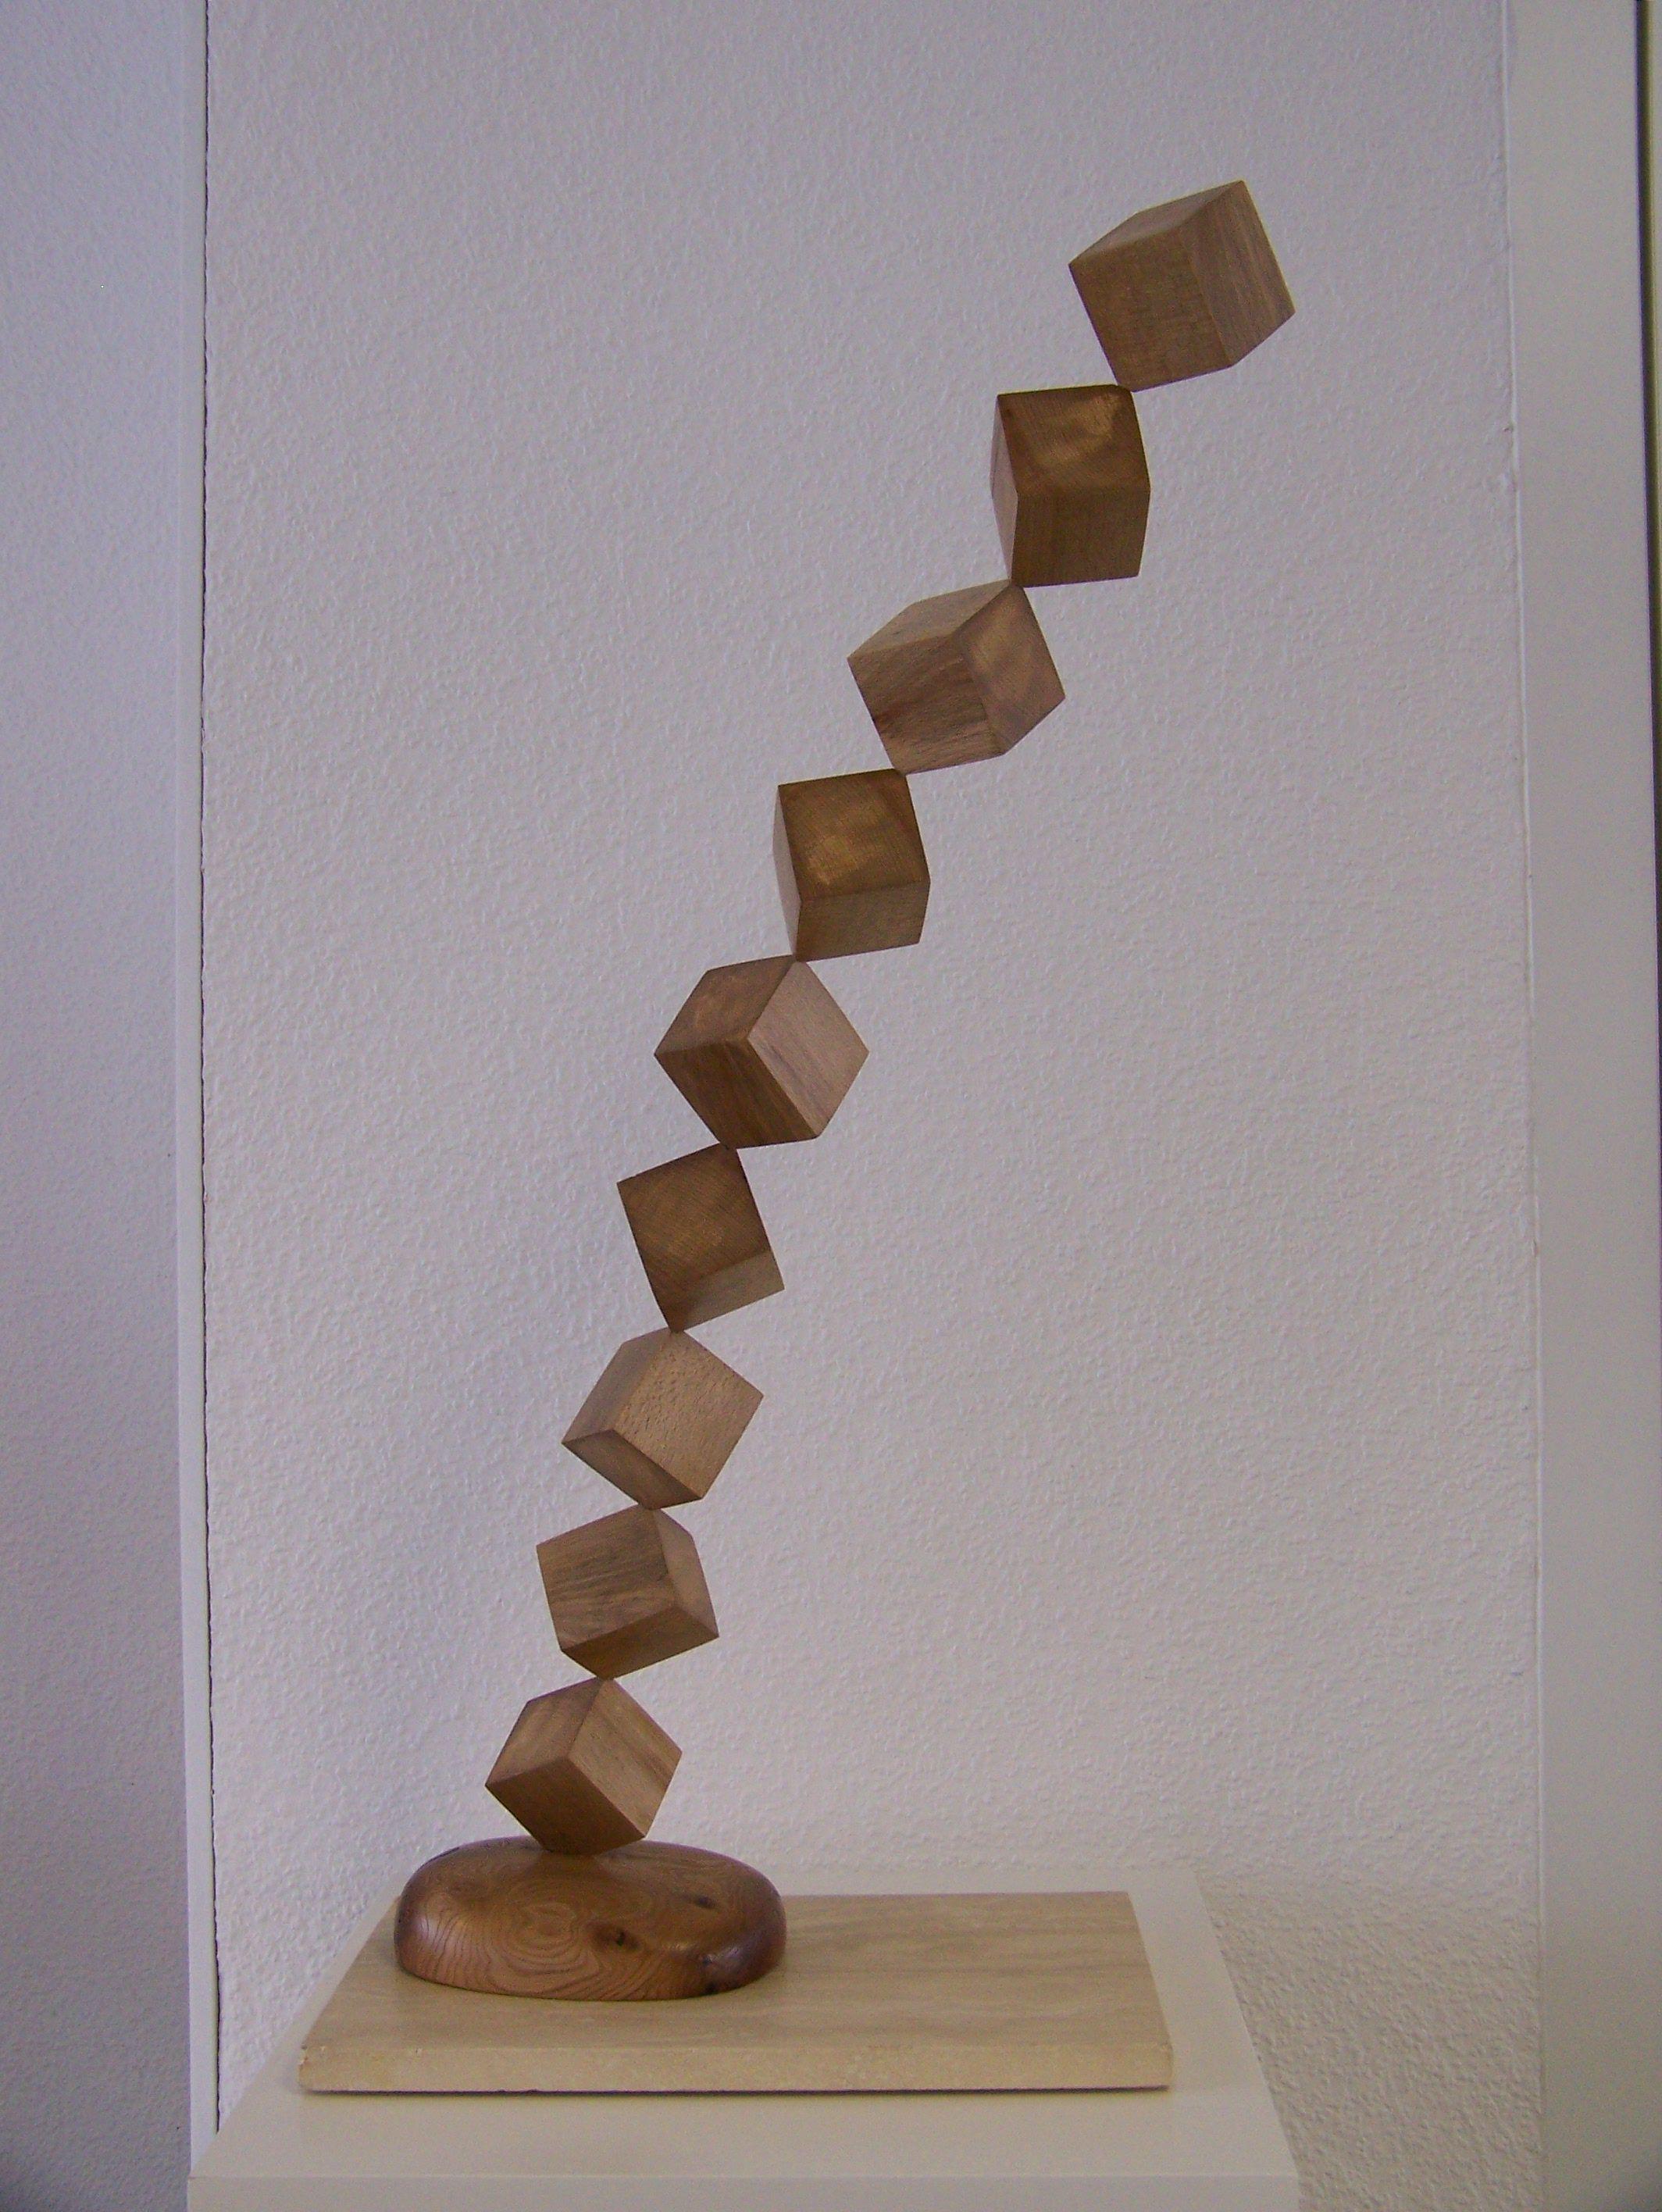 dynamische quader kunst art holzkunst wood art bildhauerei woodworking woodcarving. Black Bedroom Furniture Sets. Home Design Ideas